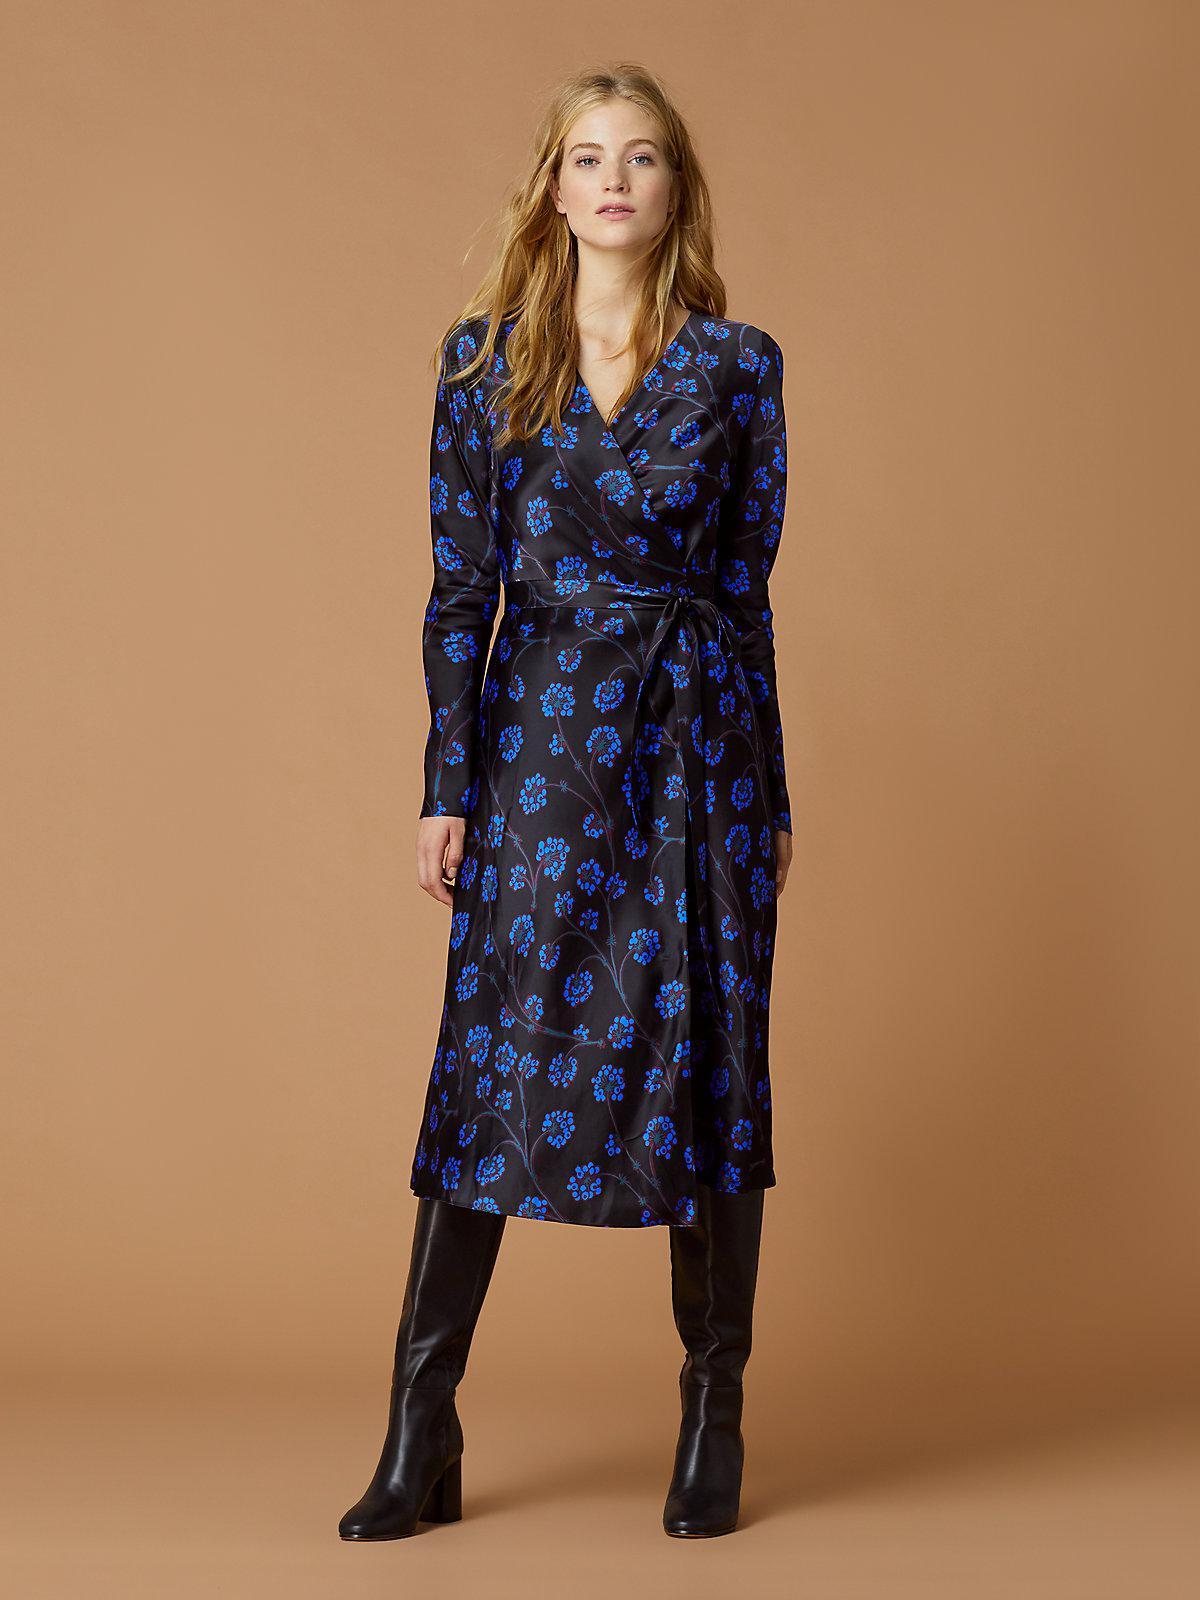 33baca928fbd9 Lyst - Diane von Furstenberg Tilly Satin Wrap Dress in Blue